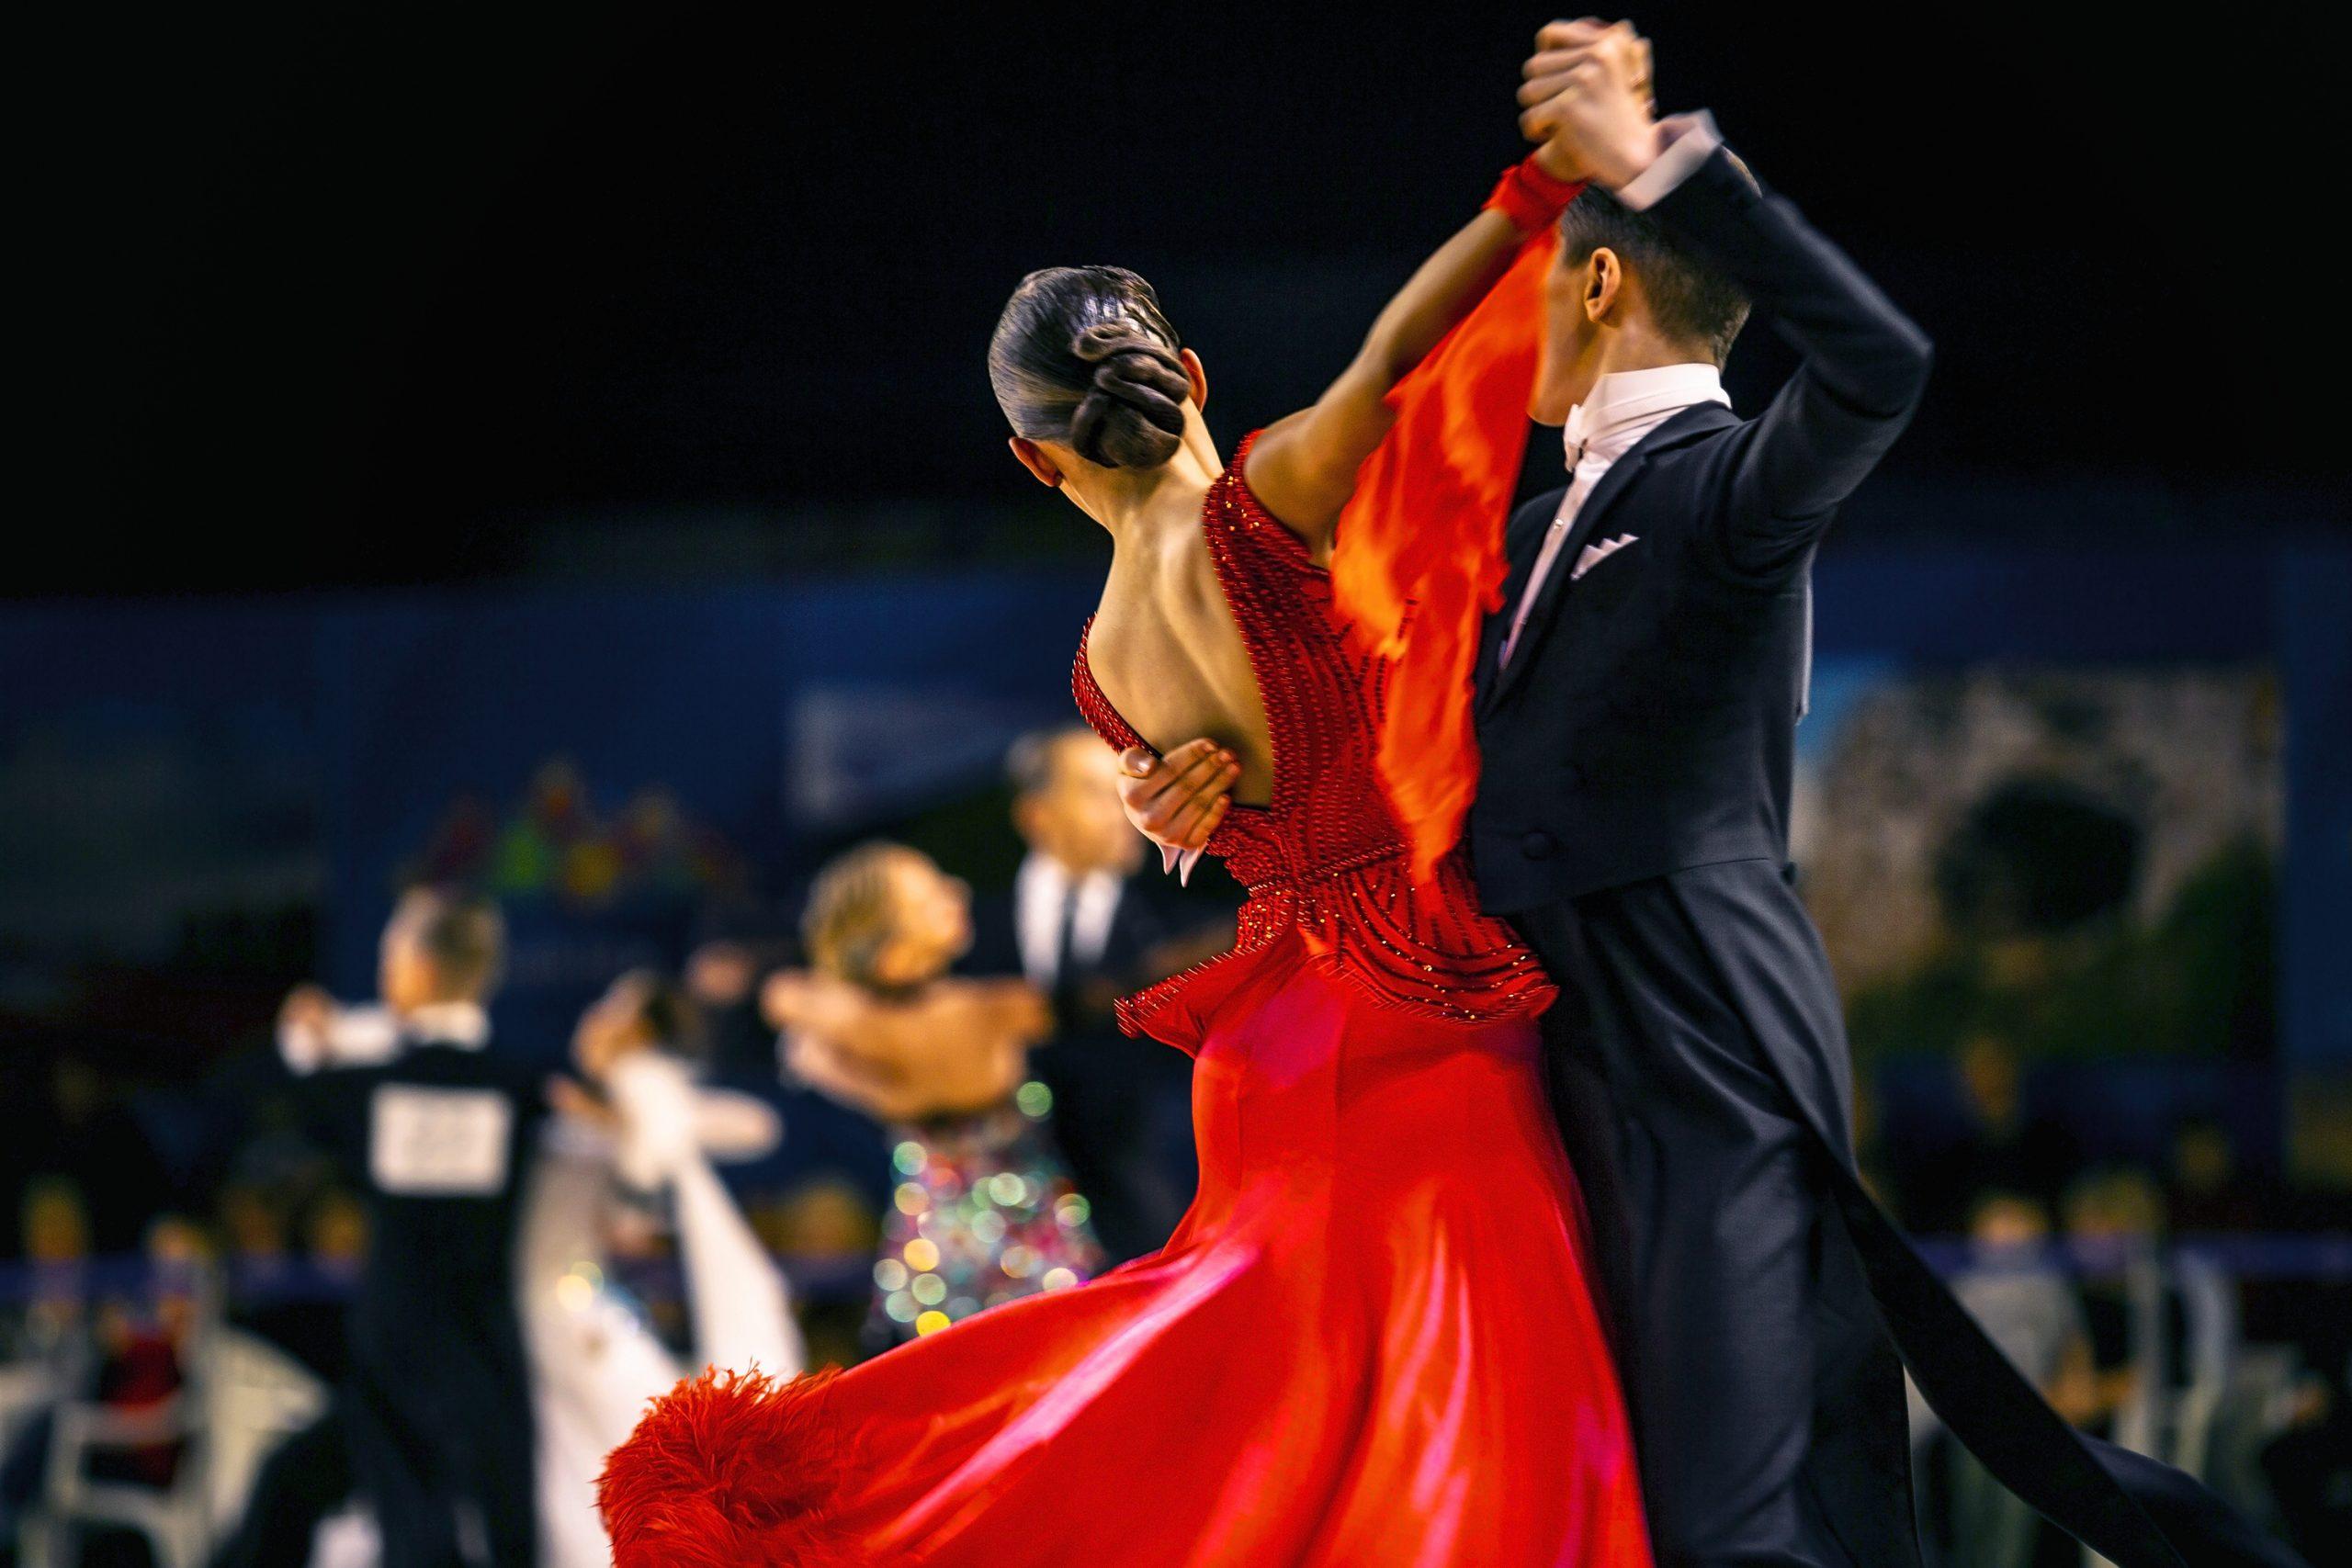 Šport Tanec